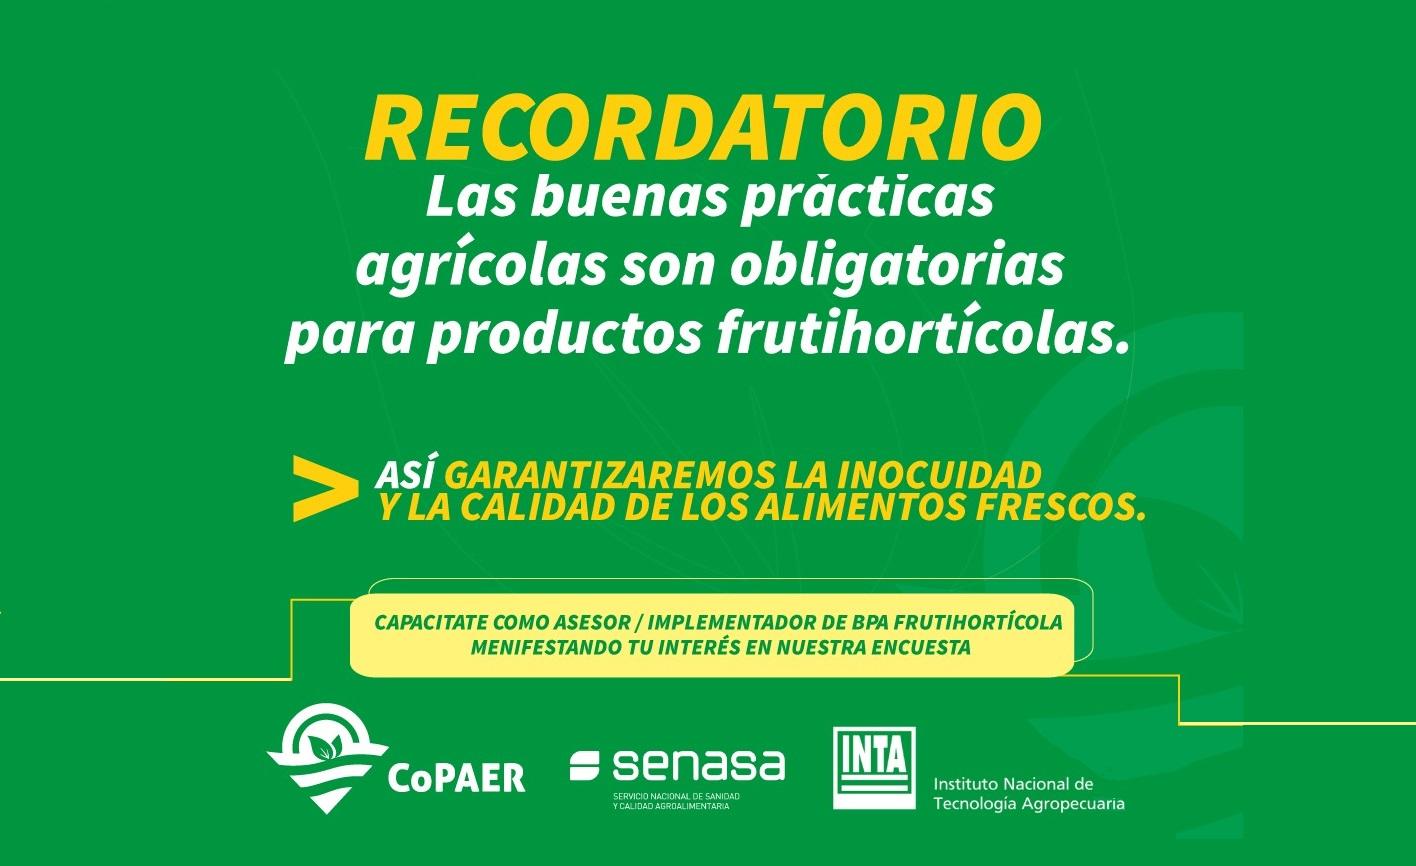 Buenas Prácticas Agrícolas: capacítate como implementador frutihortícola